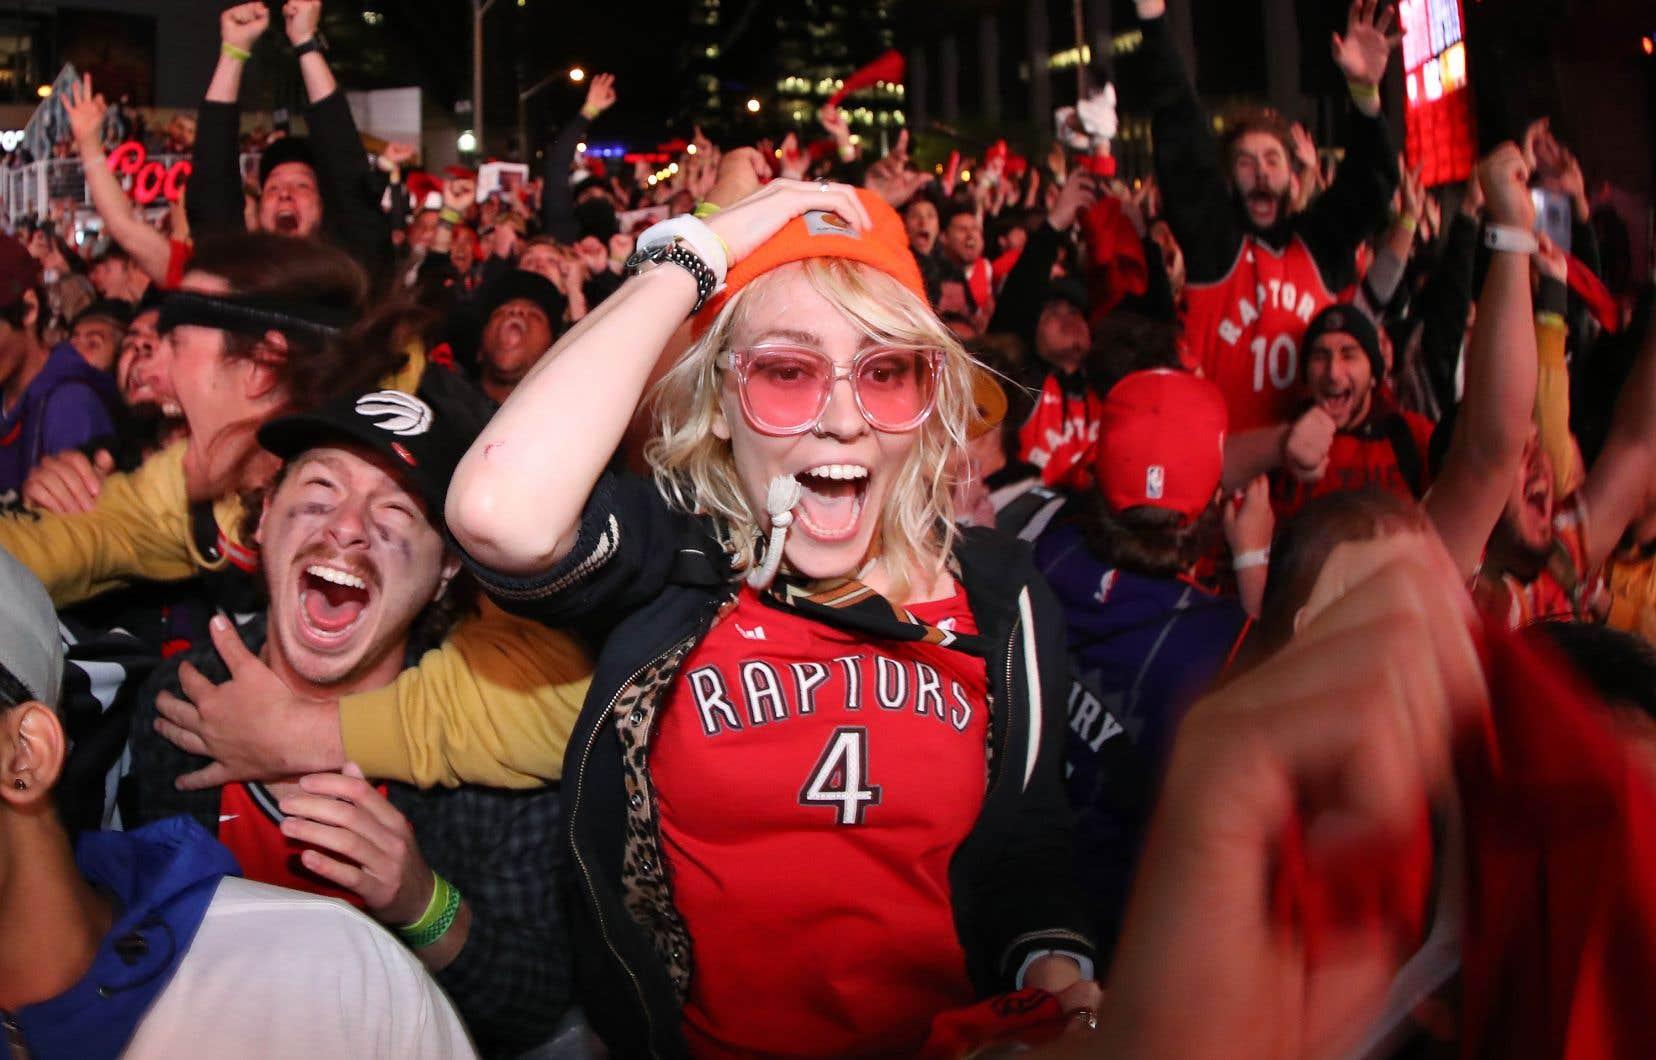 Les fameux partisans de Jurassic Park qui se réunissent à l'extérieur de l'aréna où jouent les Raptors, soir après soir, symbolisent l'esprit d'abnégation pour leur équipe.